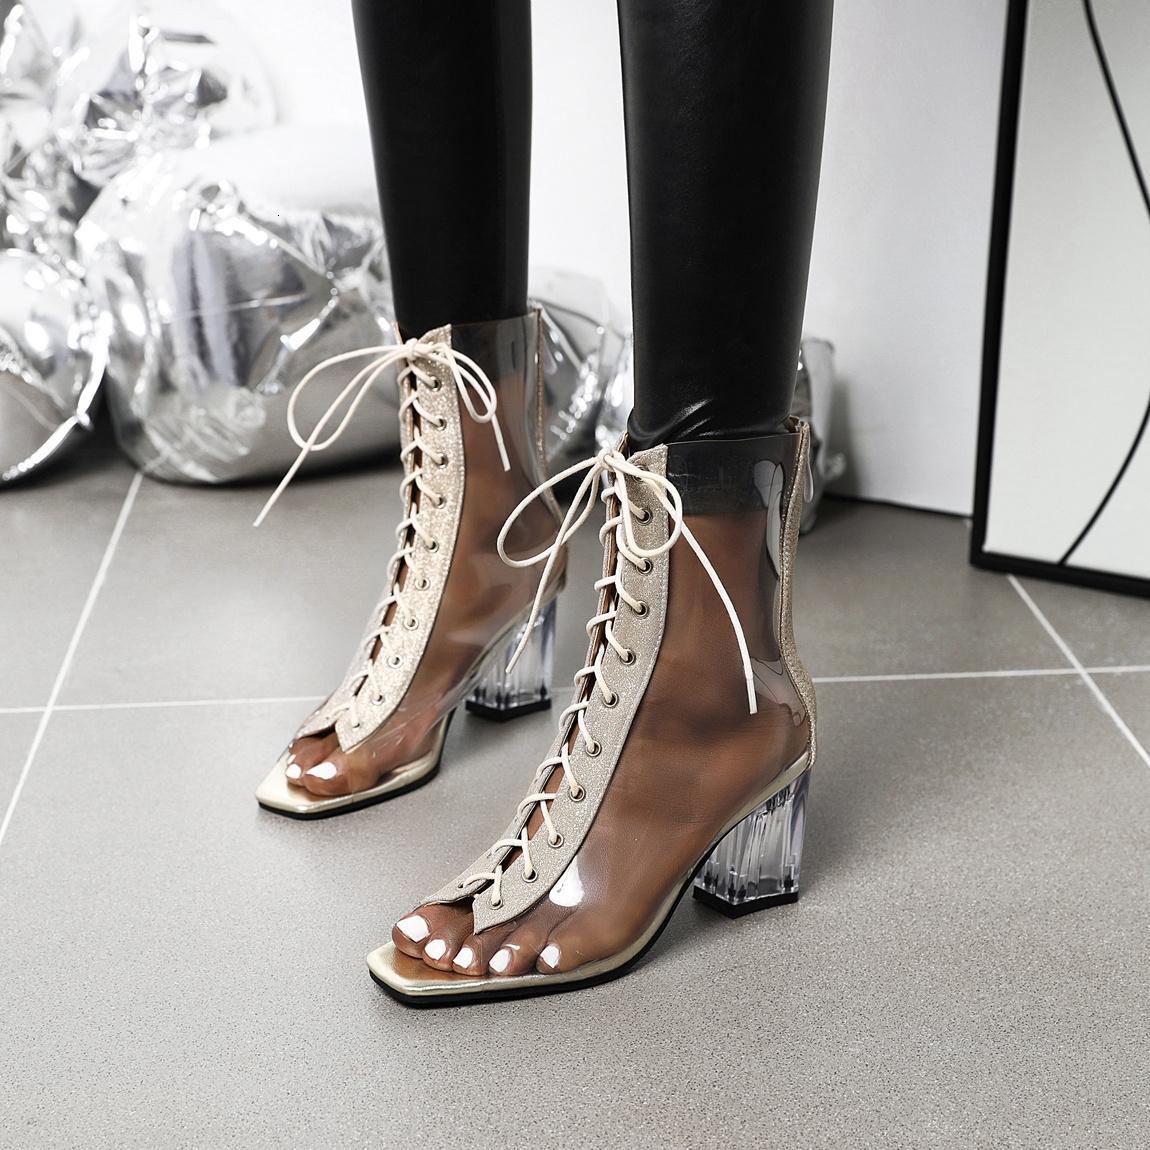 Durchlauf transparente Kristall-Quadrat-Fersen atmungsaktive PVC-Sandalen werden T-Strap-Stiefel in der Frauenclub-Mode 58wd sehen